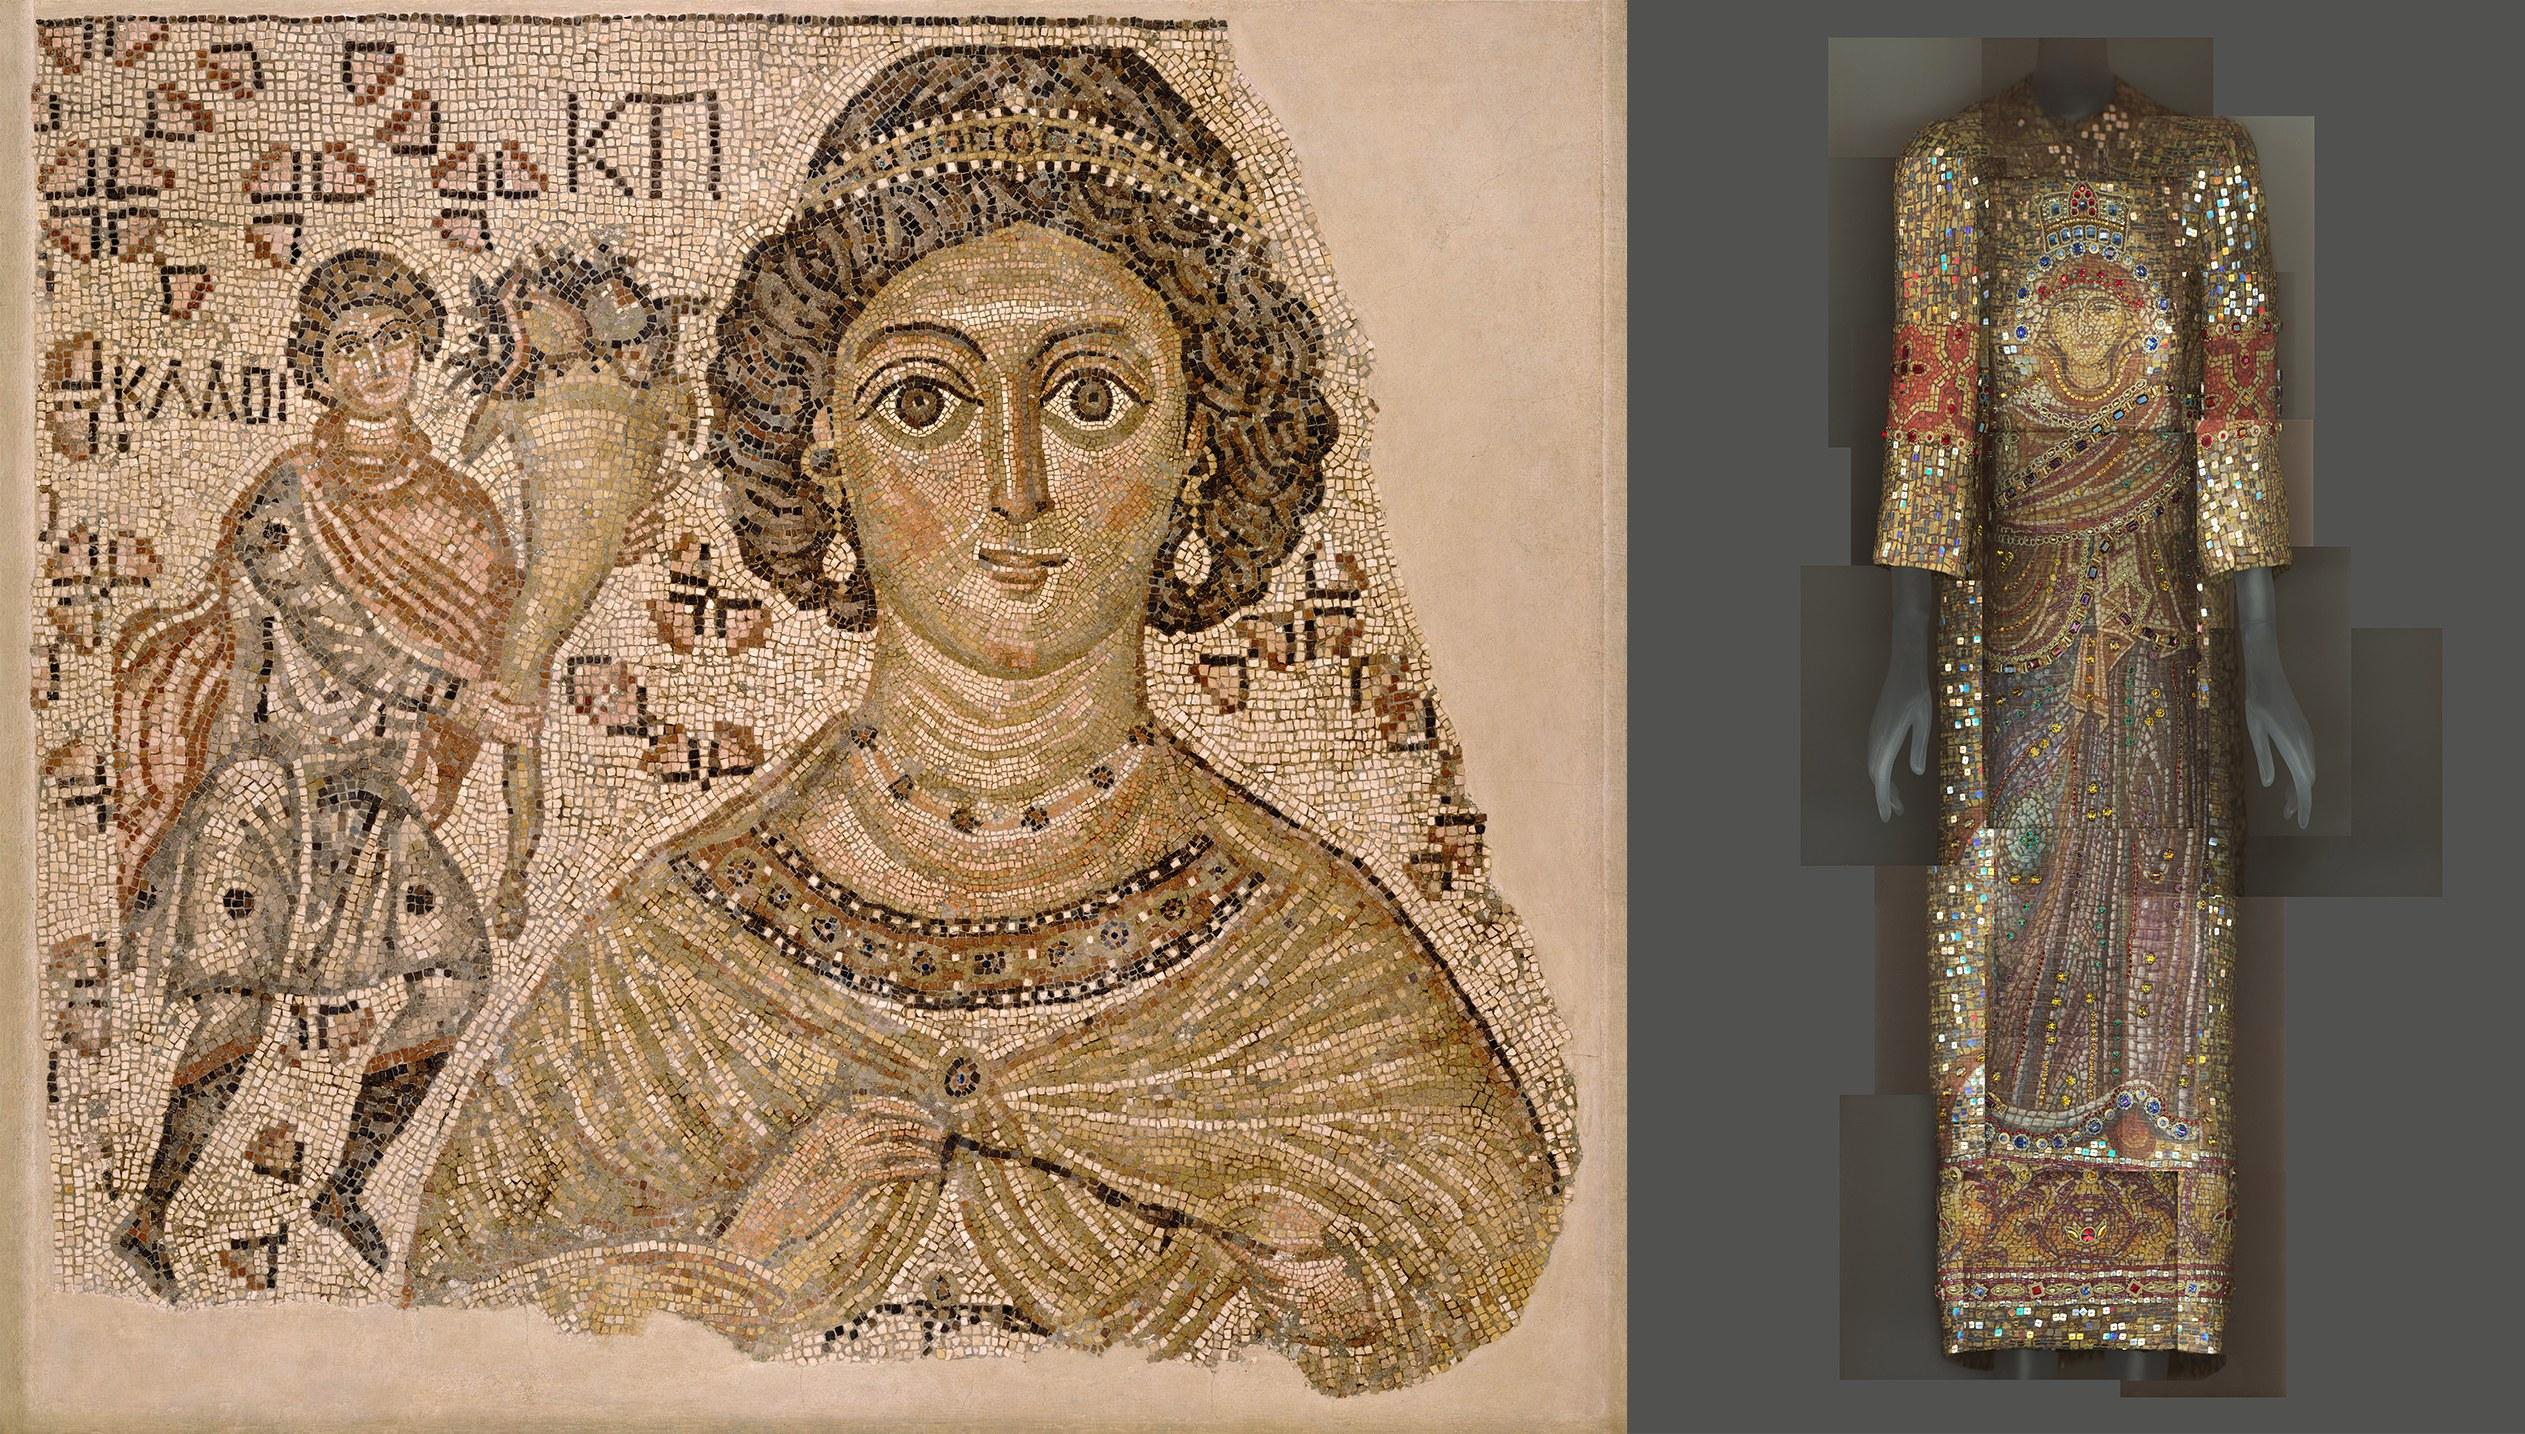 Những ảnh hưởng của tôn giáo lên sáng tạo thời trang.